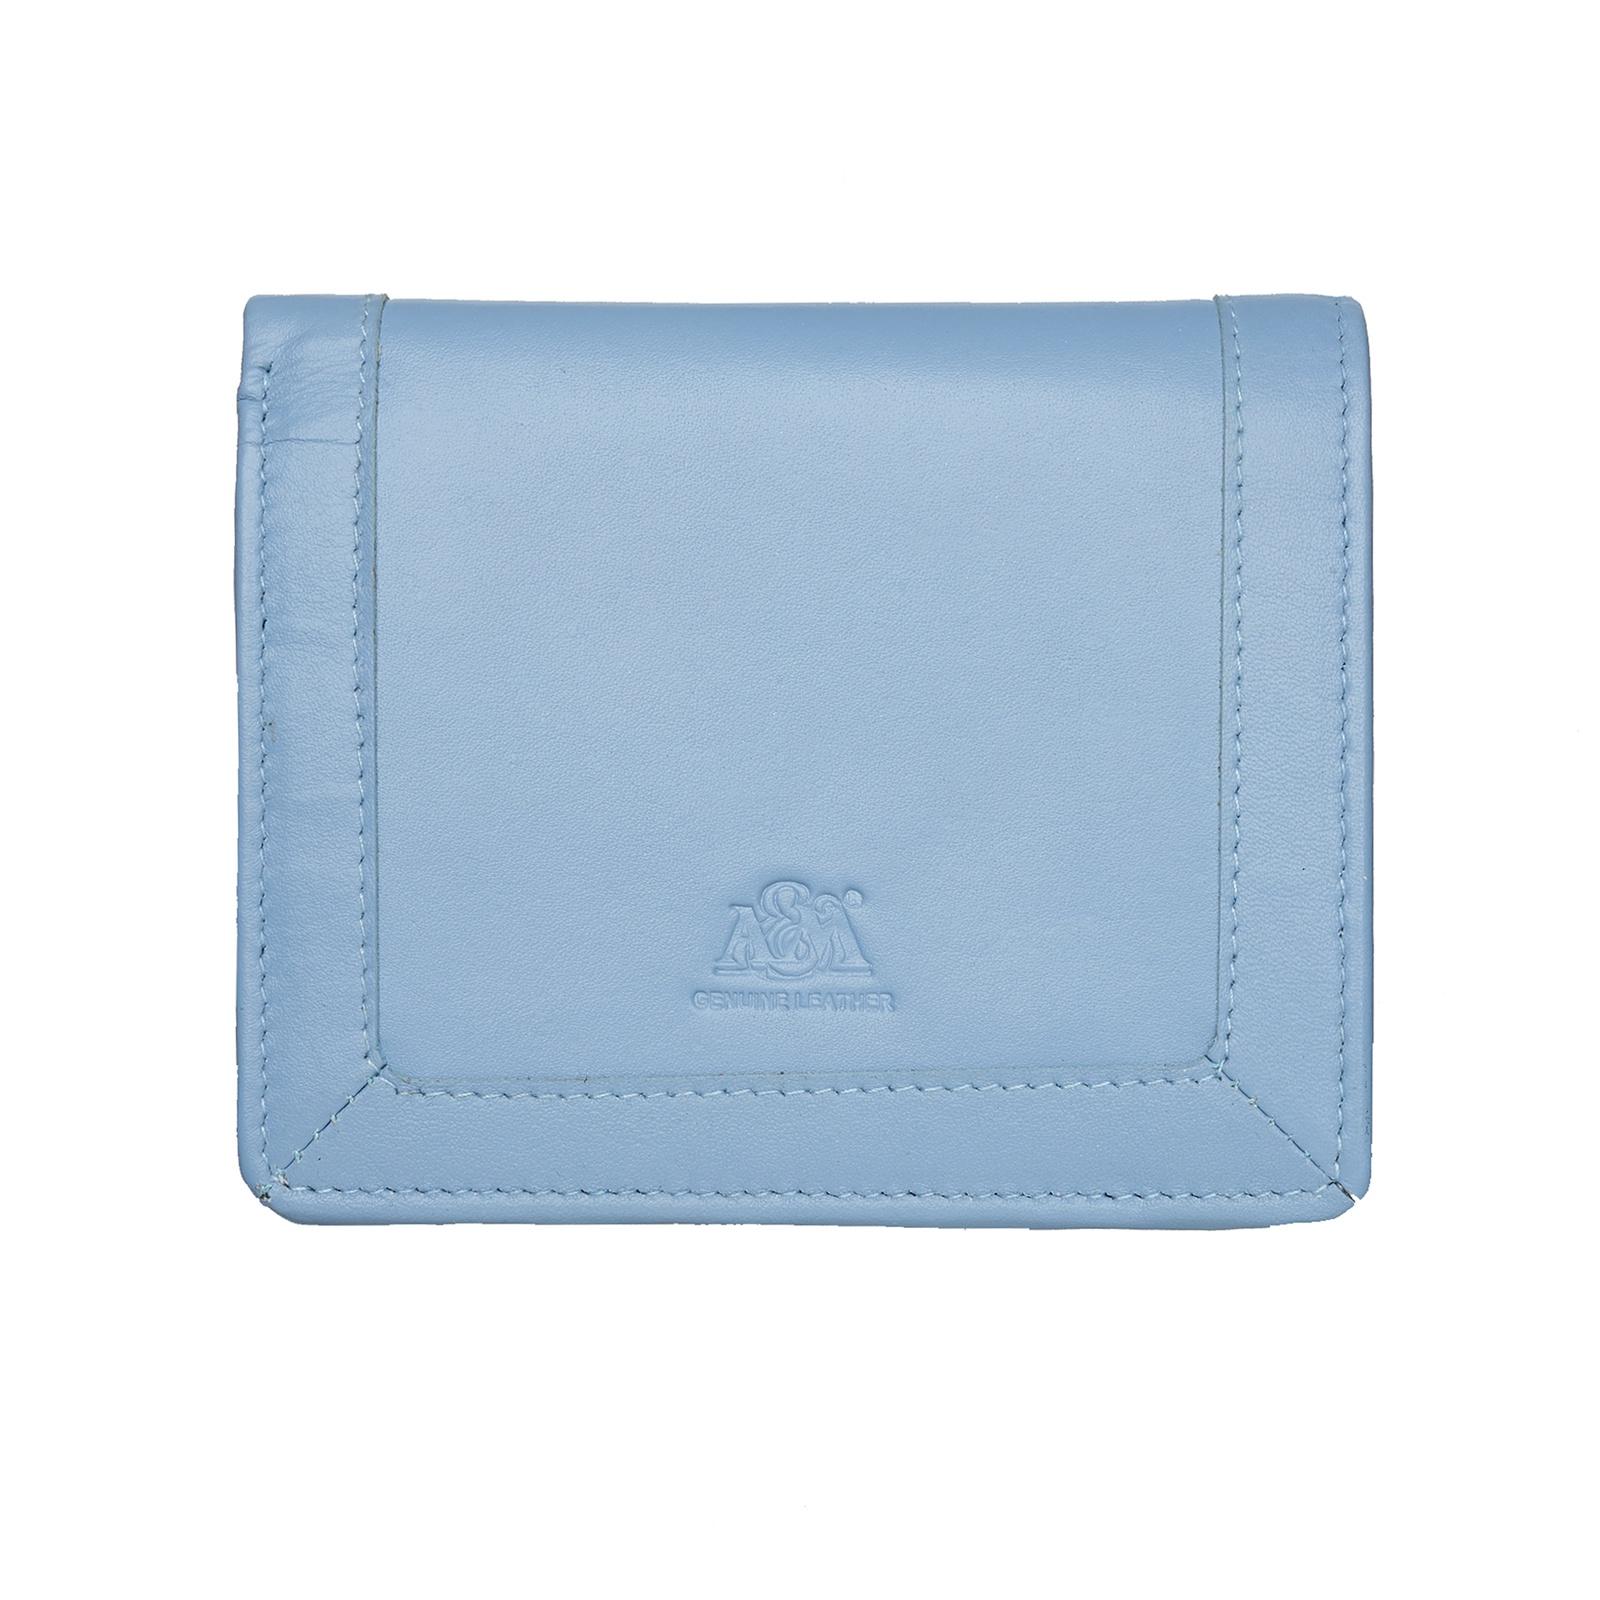 Портмоне A&M женское, 2656D.Grey, голубой, голубой